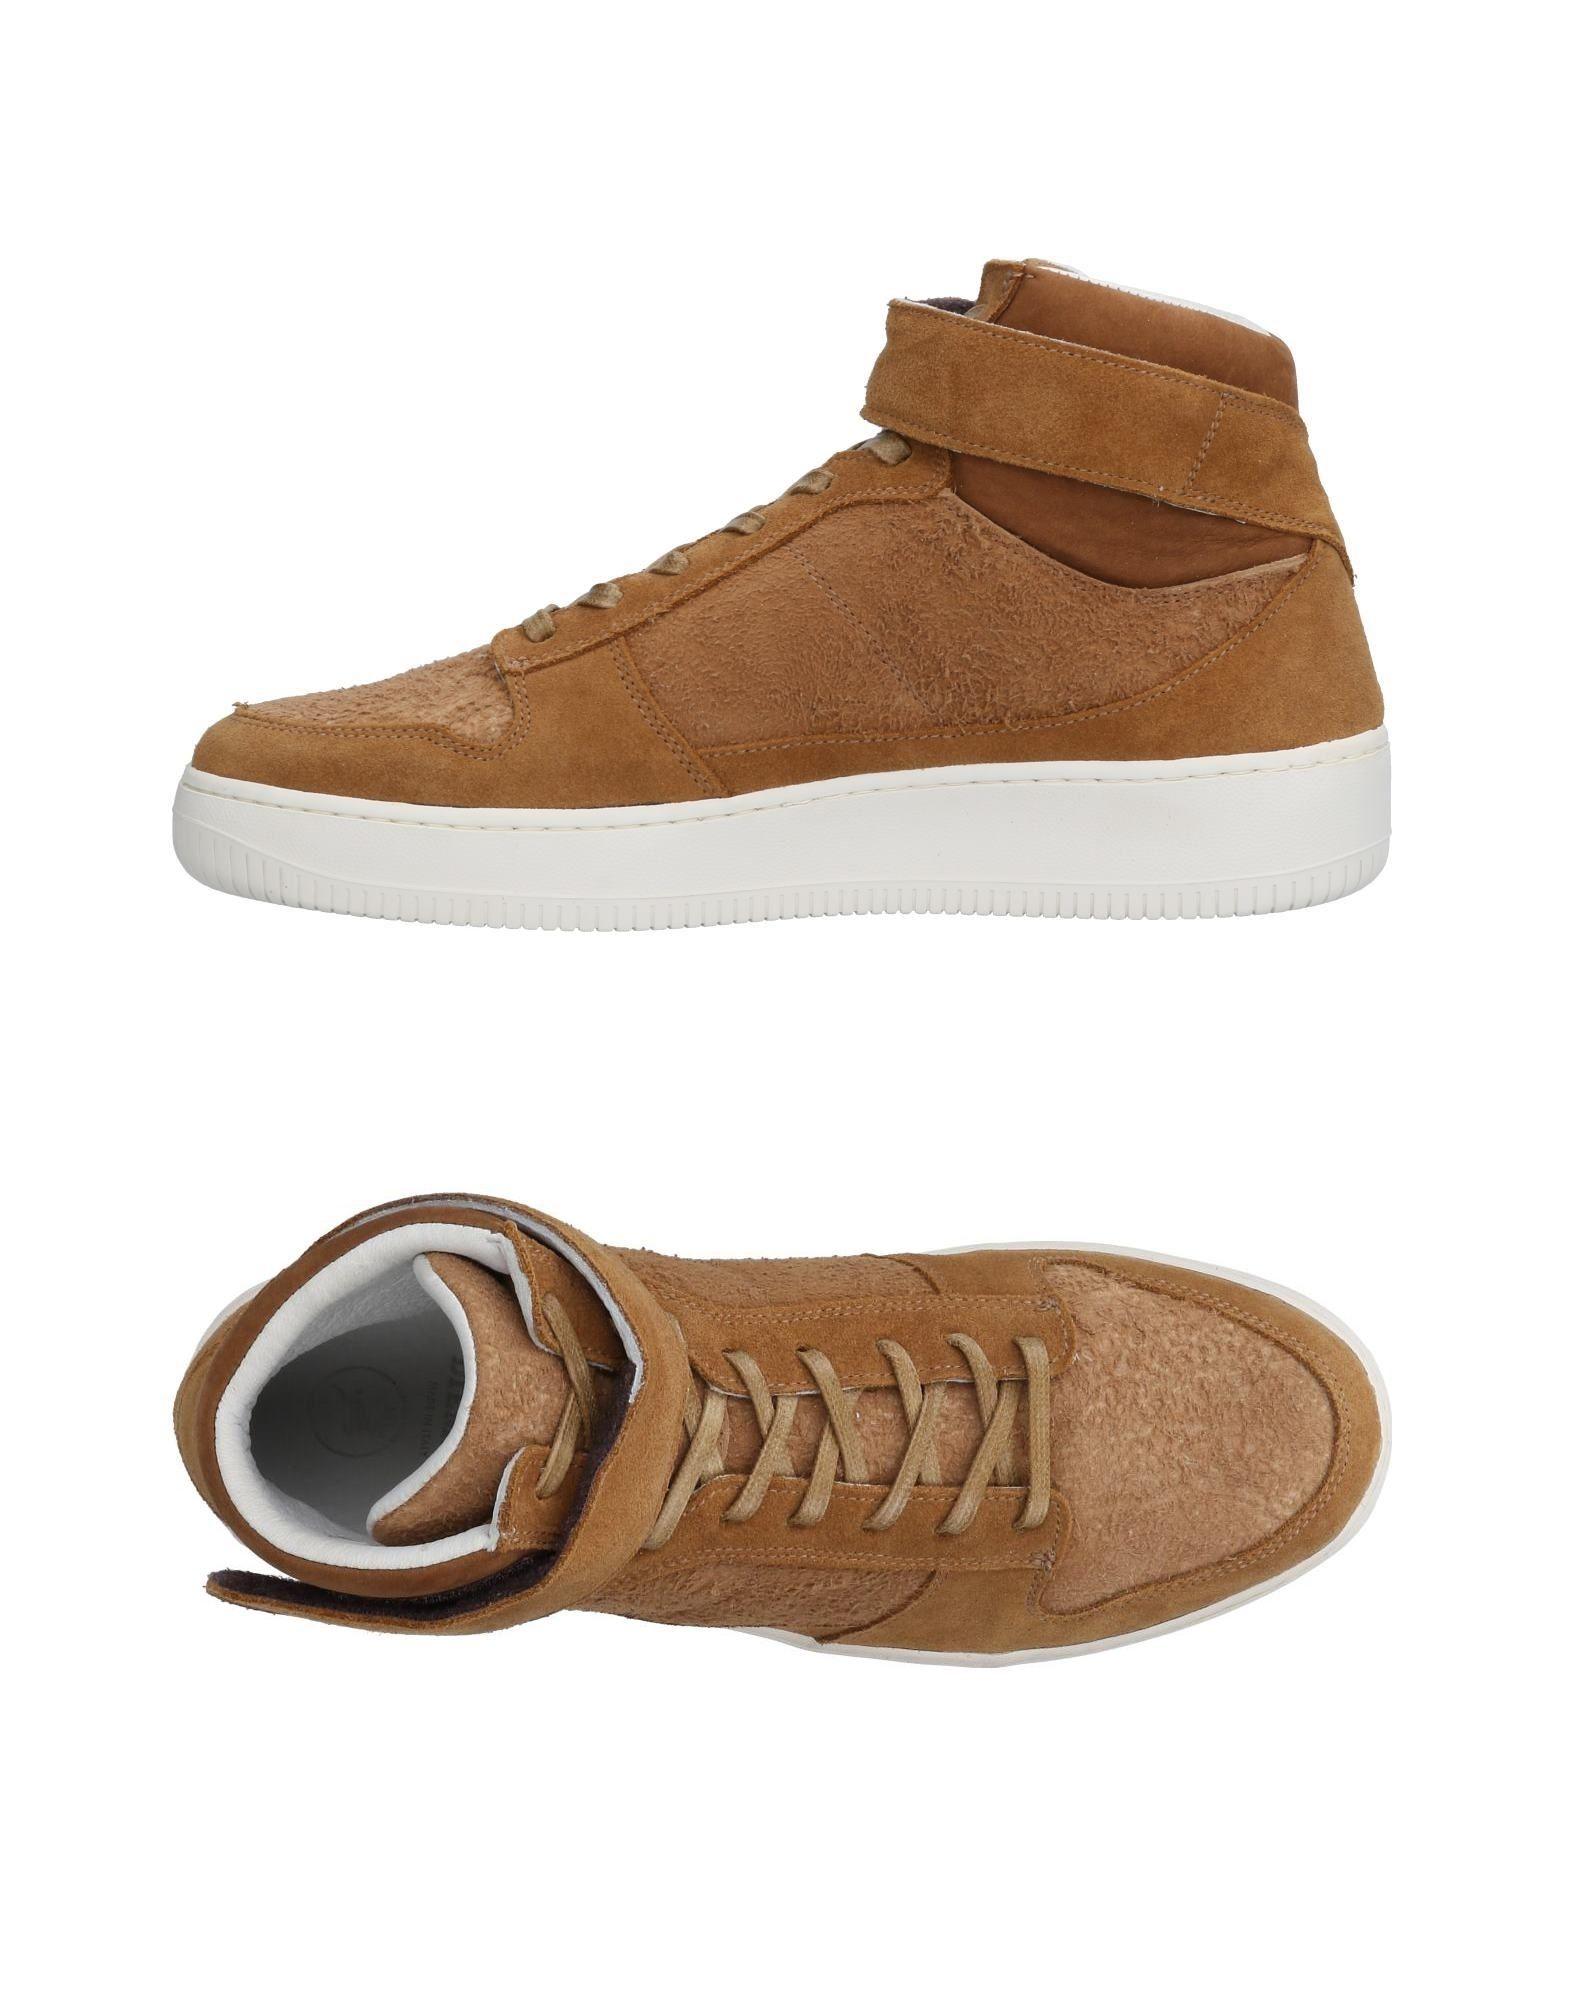 Diemme Sneakers Herren  11507399UF Gute Qualität beliebte Schuhe